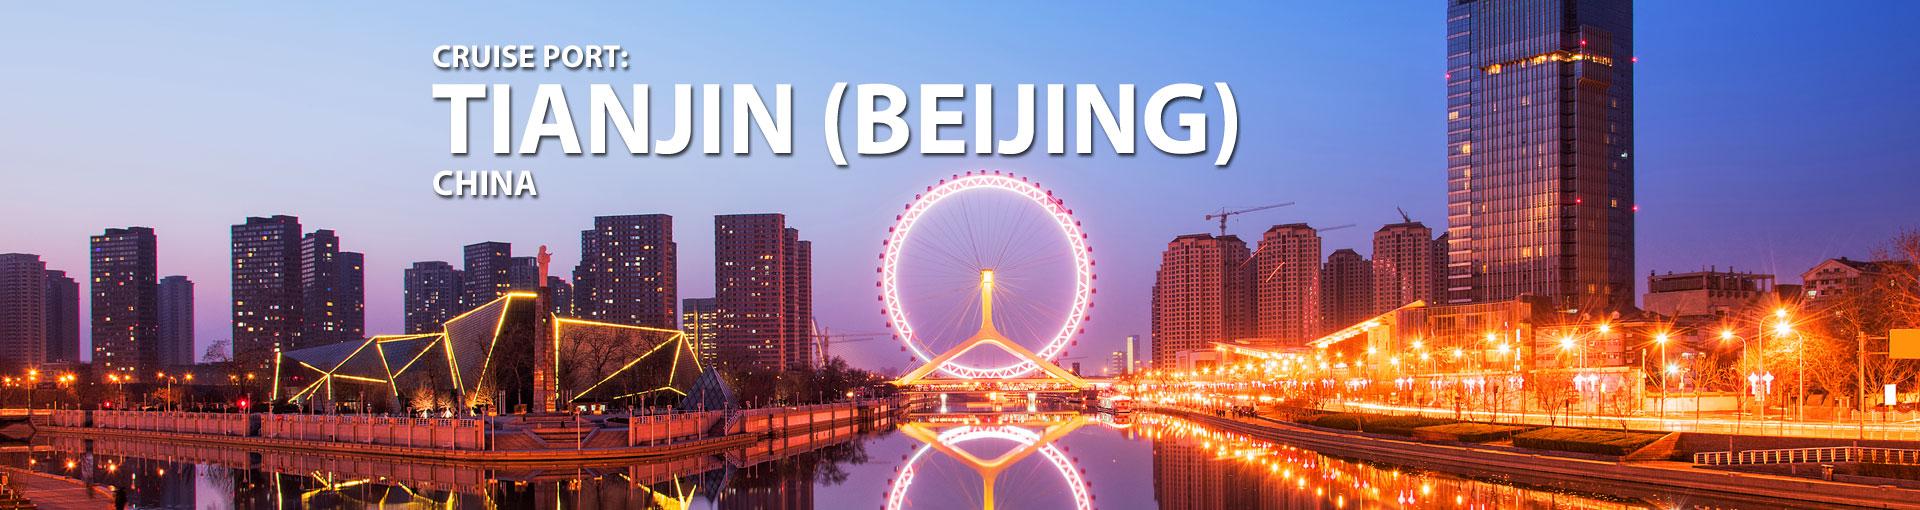 Cruises to Tianjin (Beijing), China